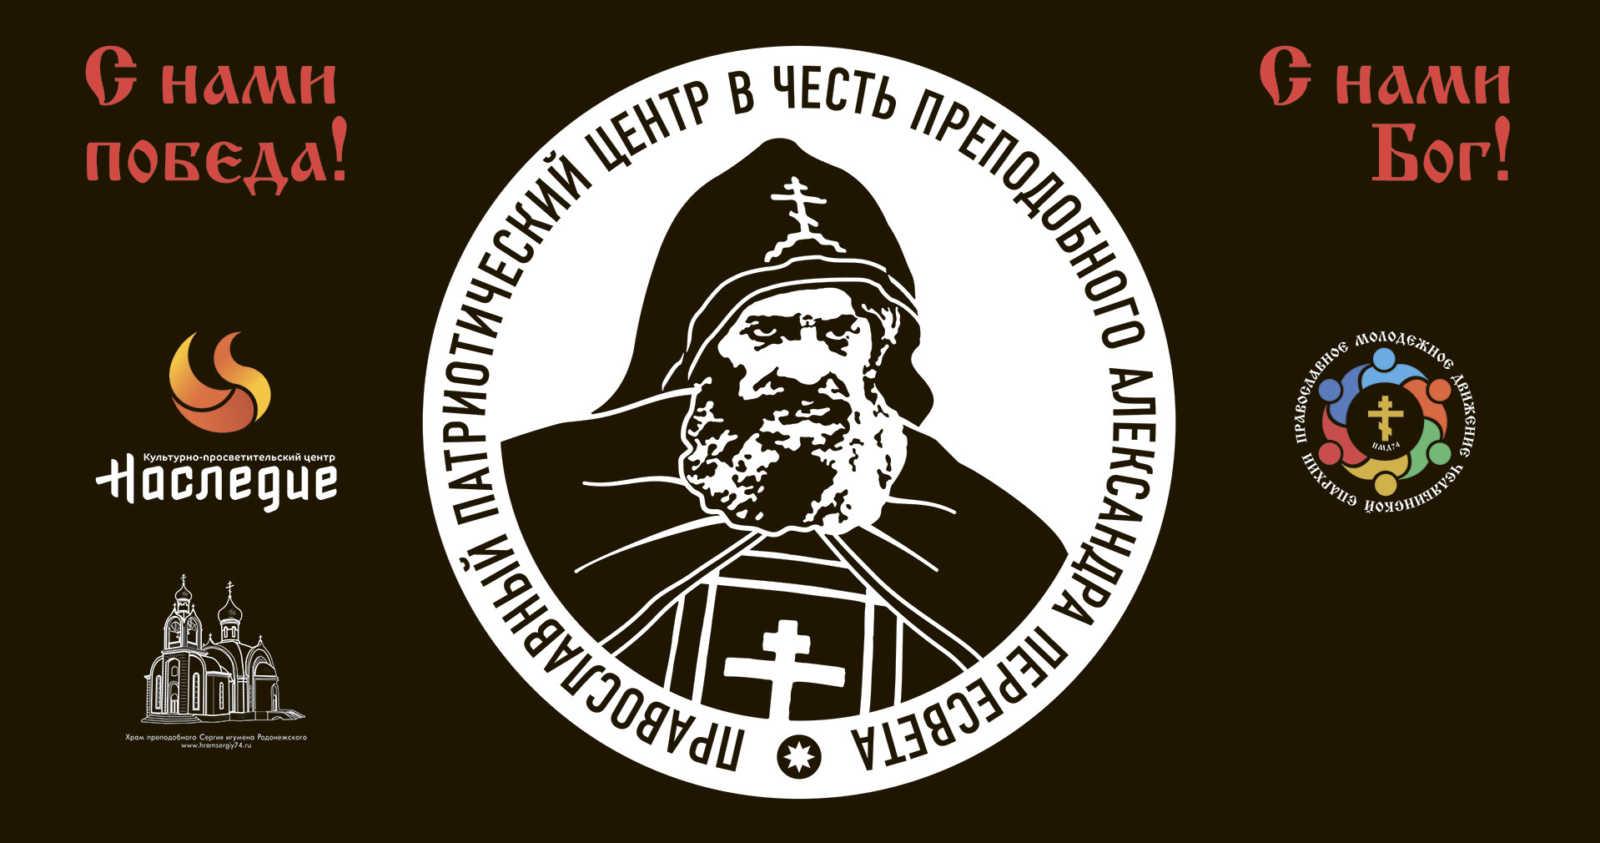 Православный патриотический Центр в честь преподобного Александра Пересвета., город Челябинск